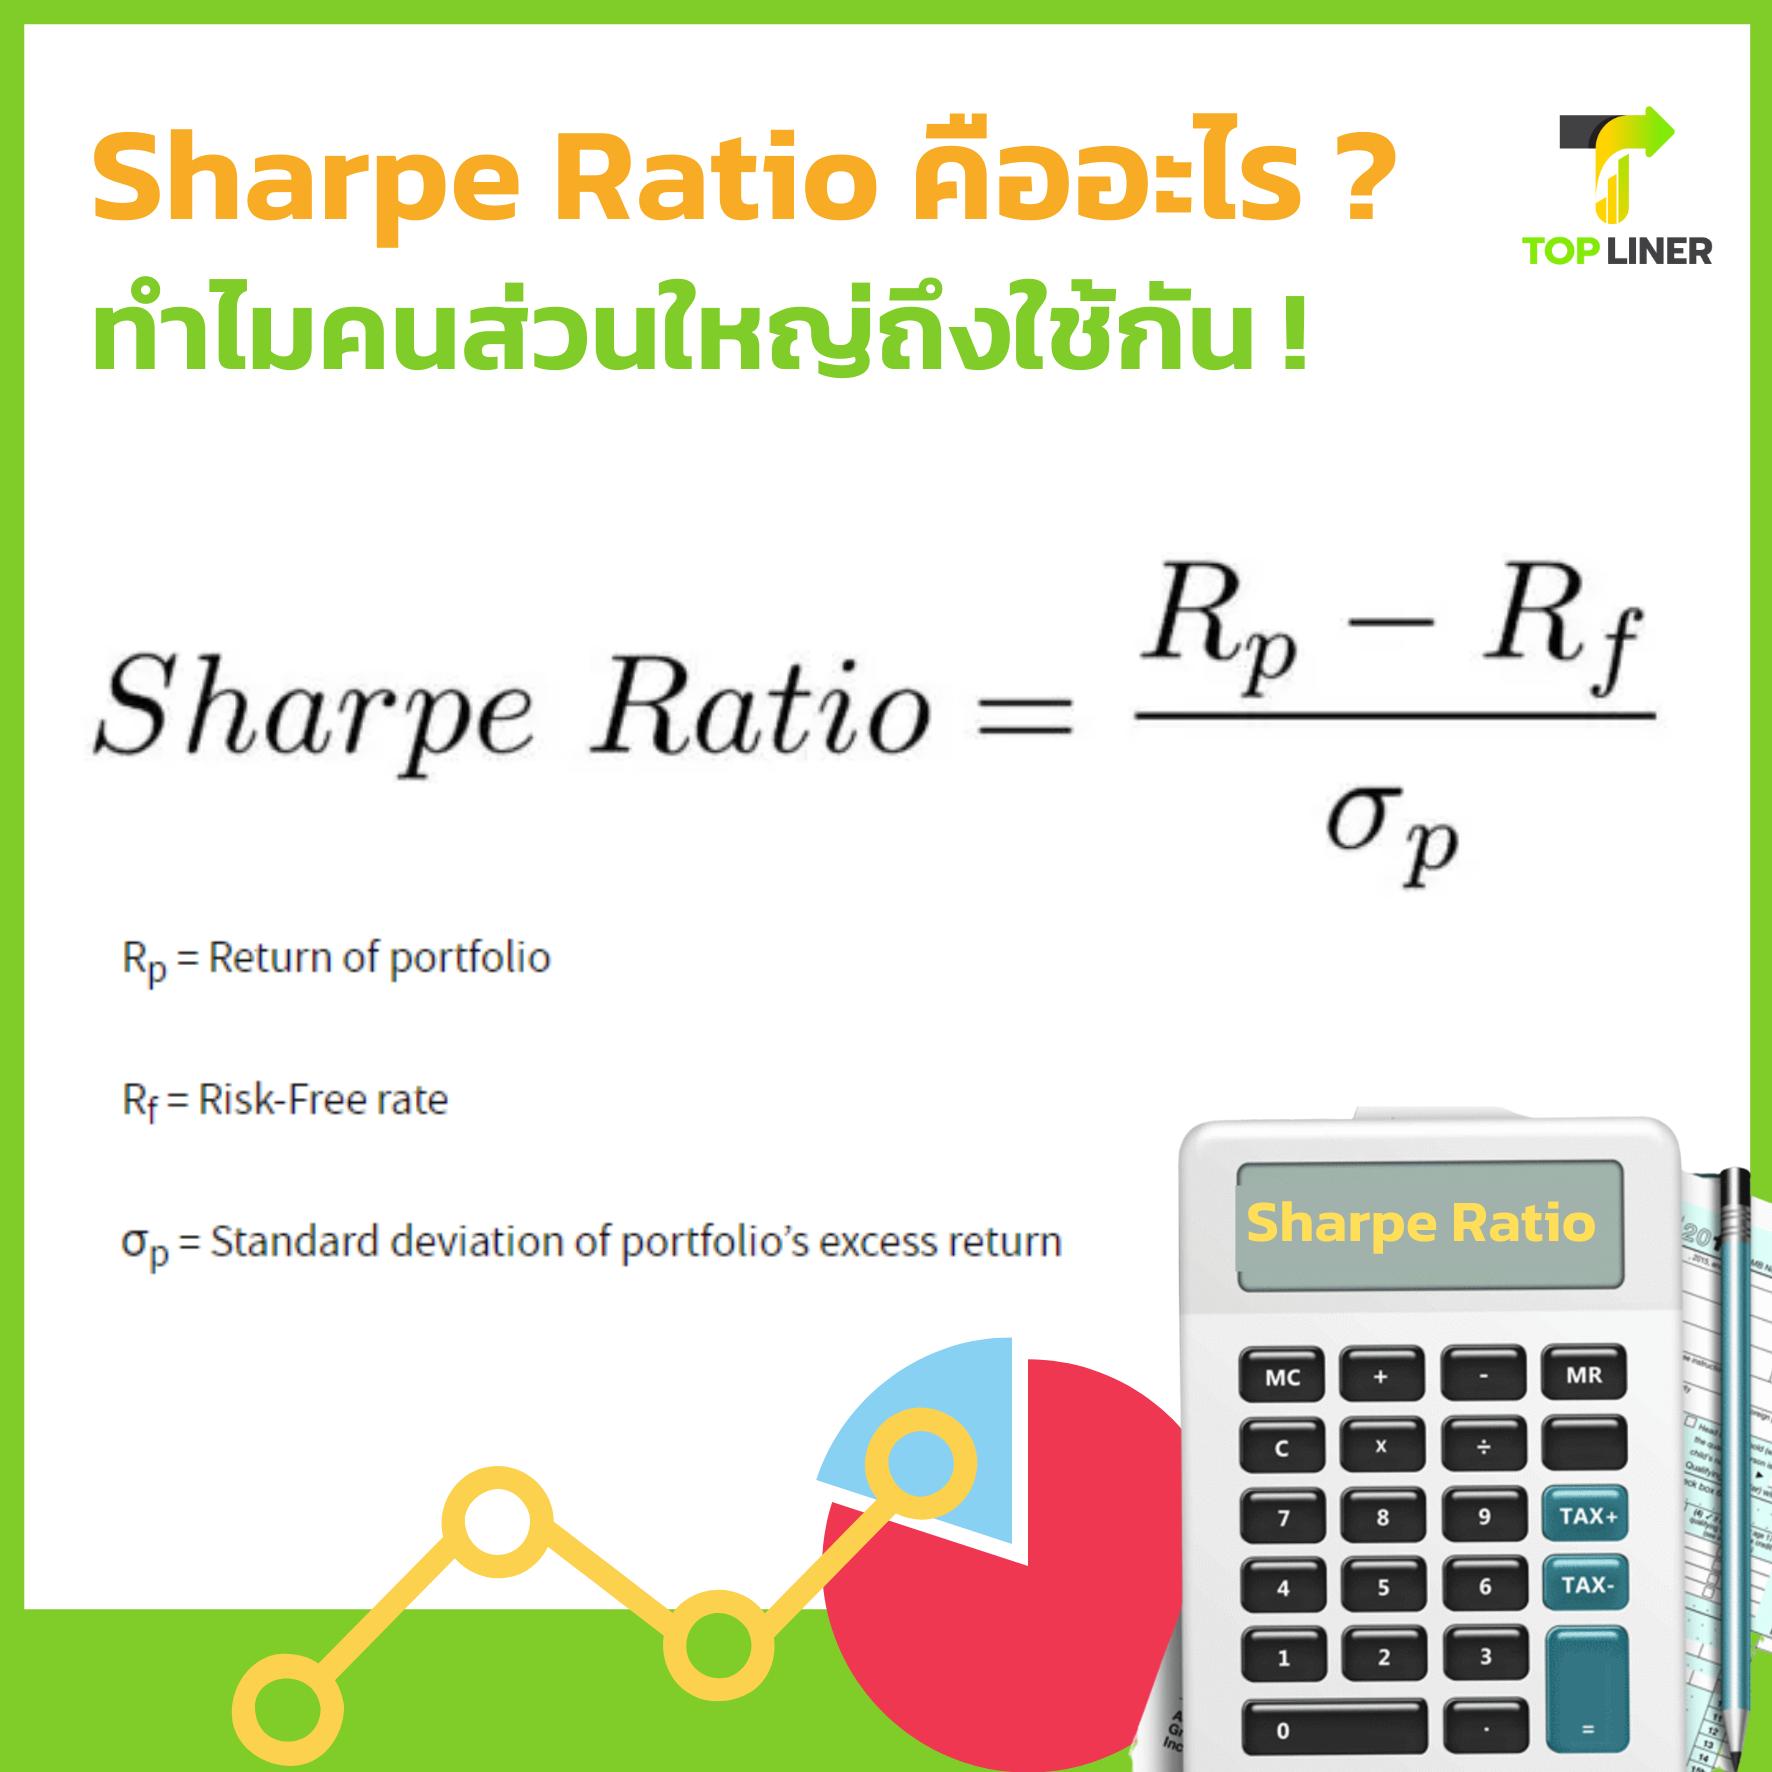 Sharpe Ratio คืออะไร? ทำไมคนส่วนใหญ่ถึงใช้กัน